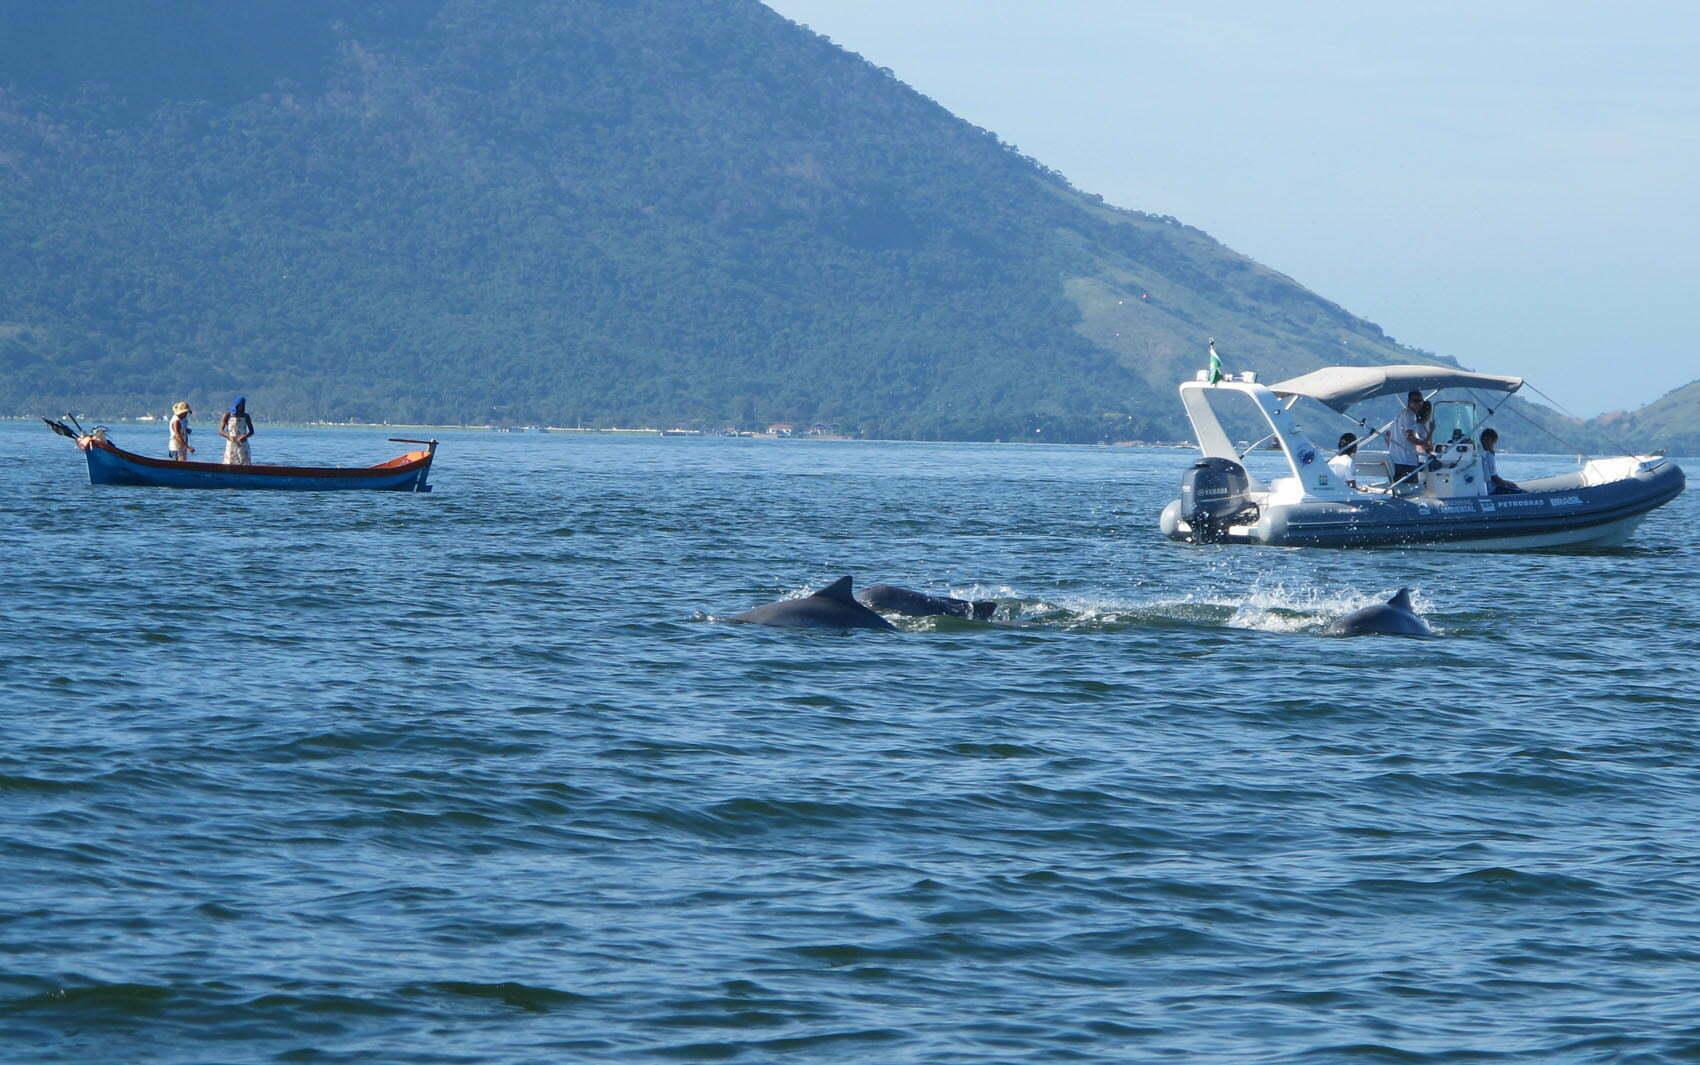 Botos da baía de Guanabara, imagem de botos na baía de guanabara